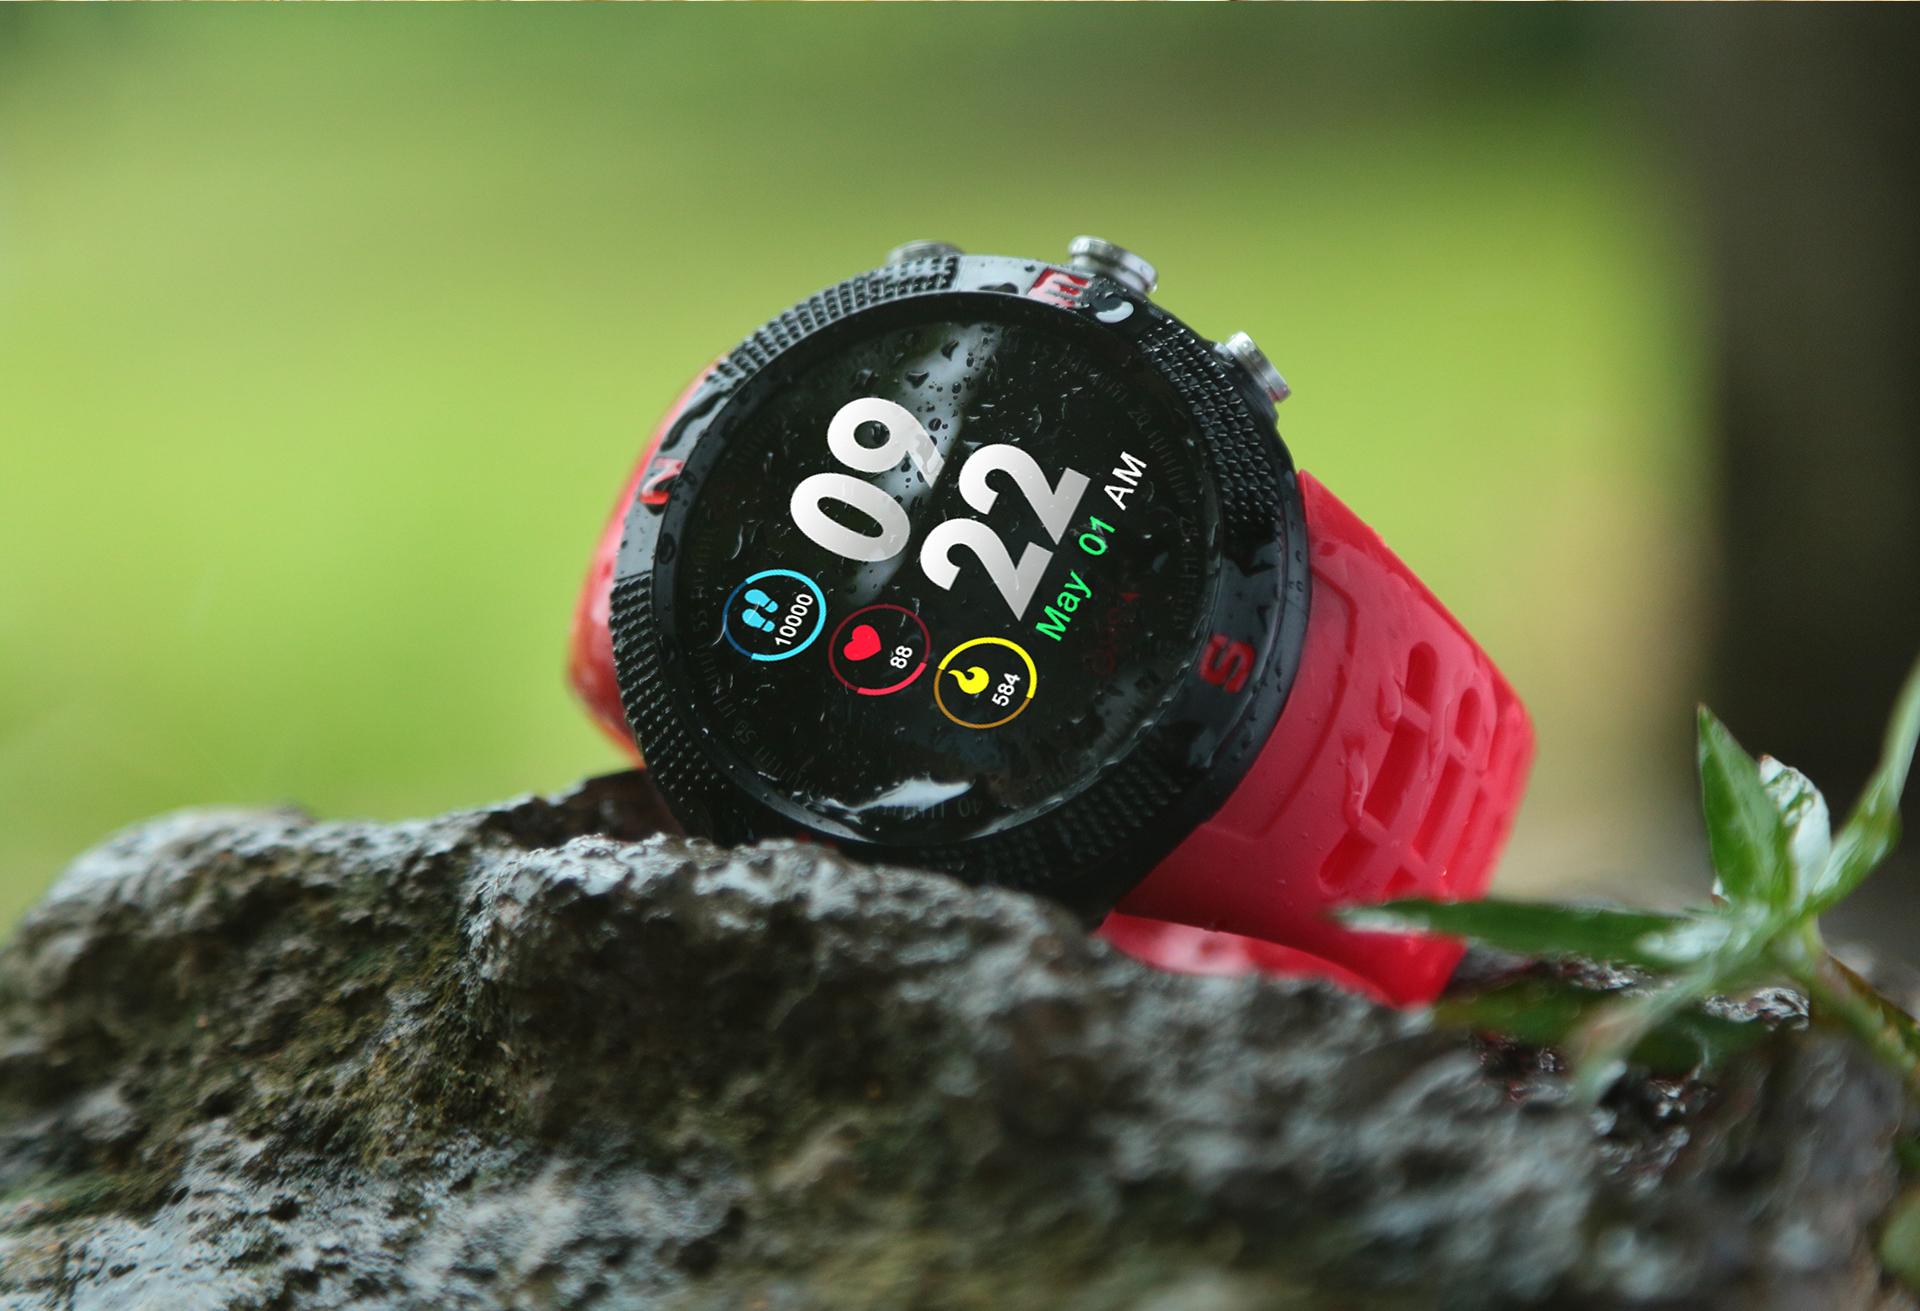 Gearbest: Originální chytré hodinky NO.1 F18 za báječnou cenu! [sponzorovaný článek]